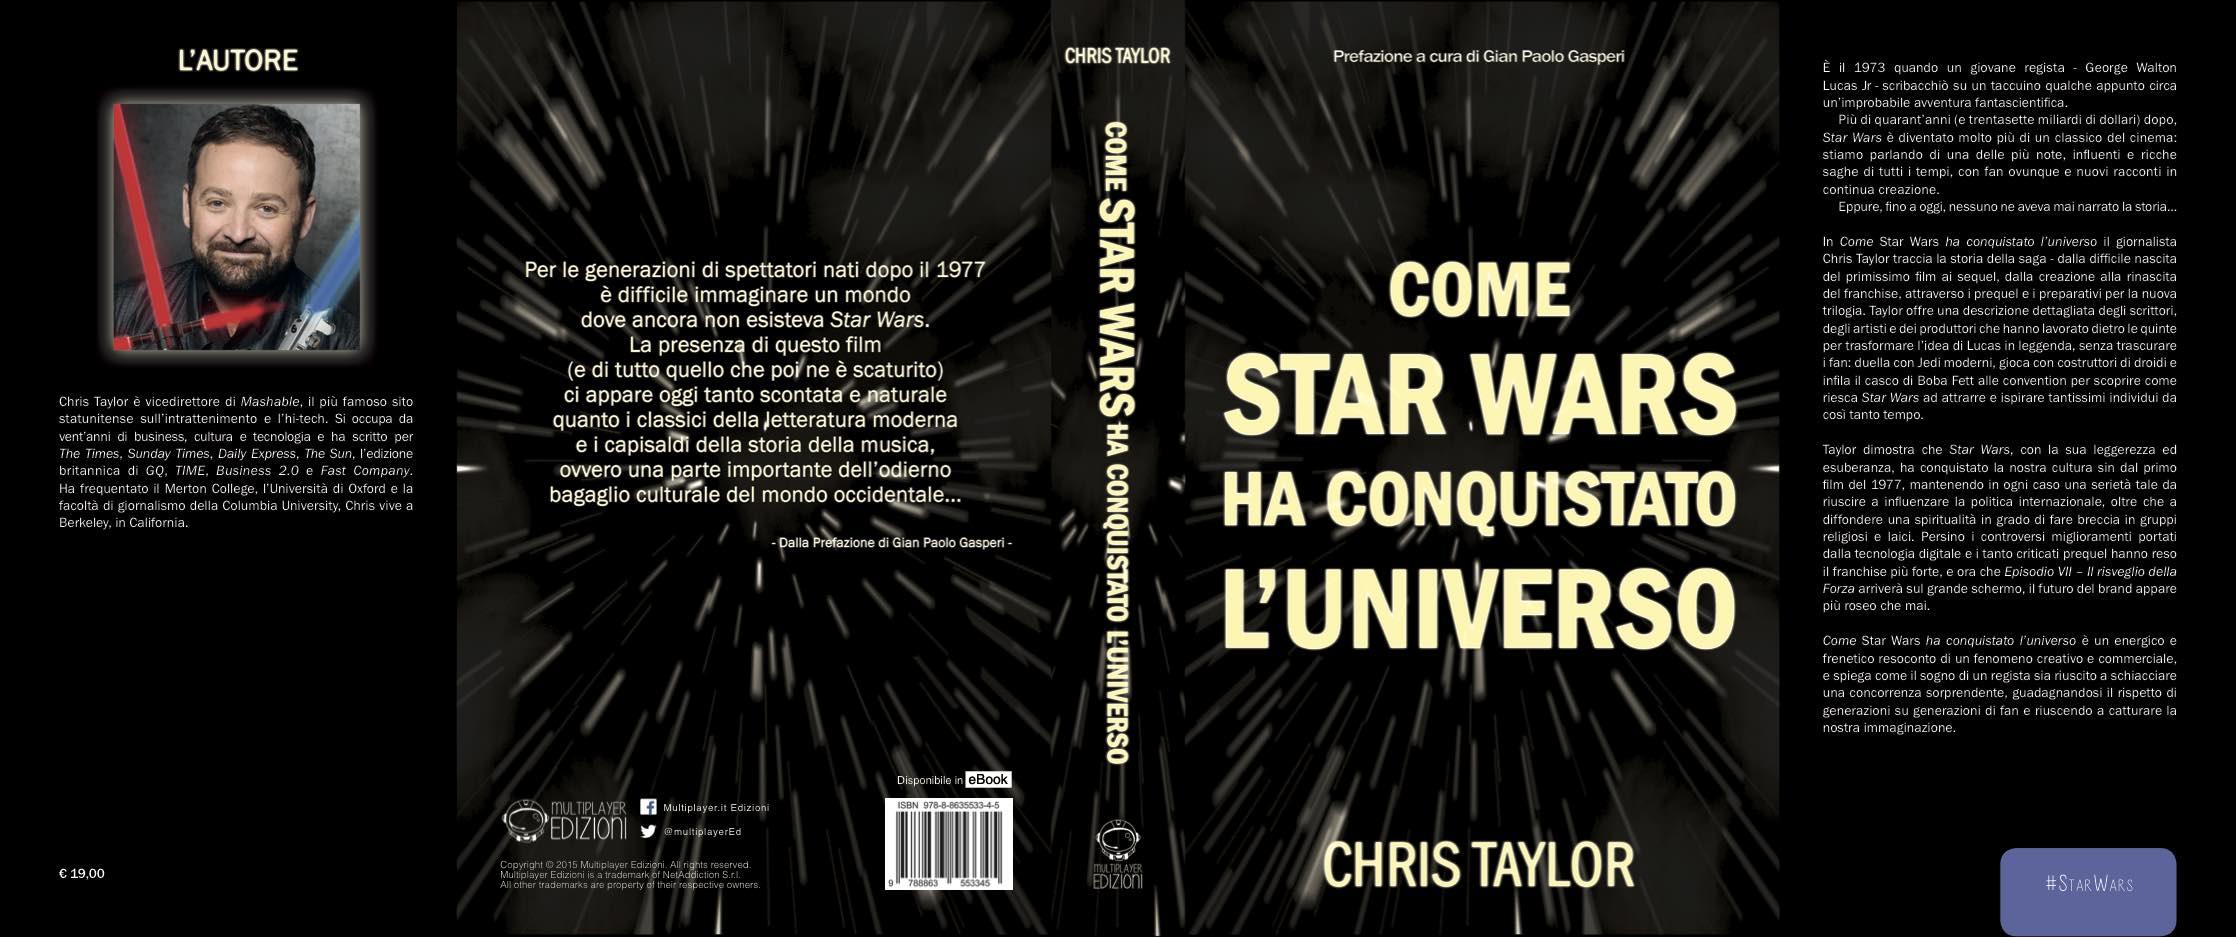 Come StarWars ha conquistato l'universo - Copertina